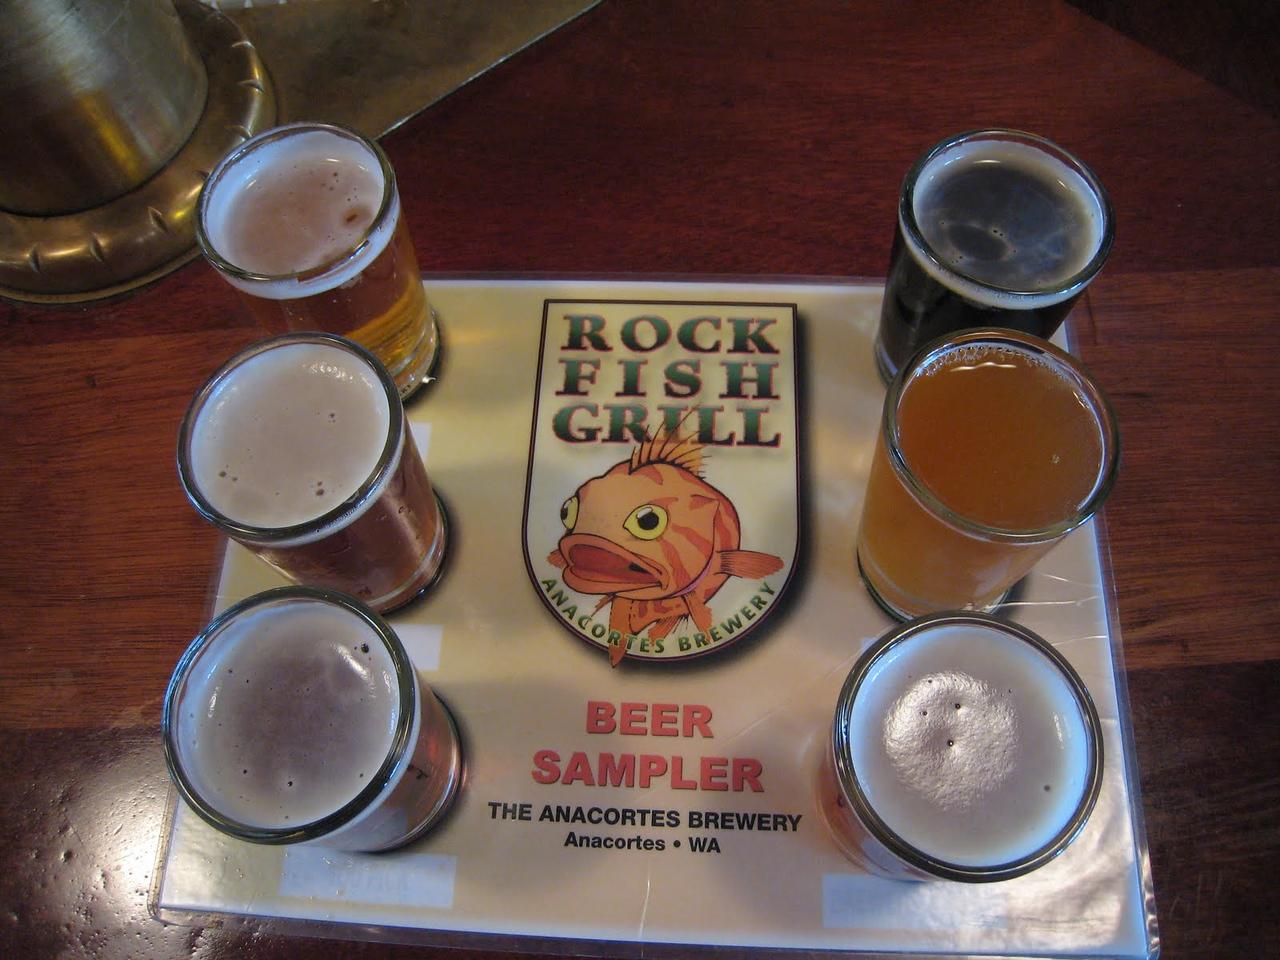 Beer sampler!  Yum!